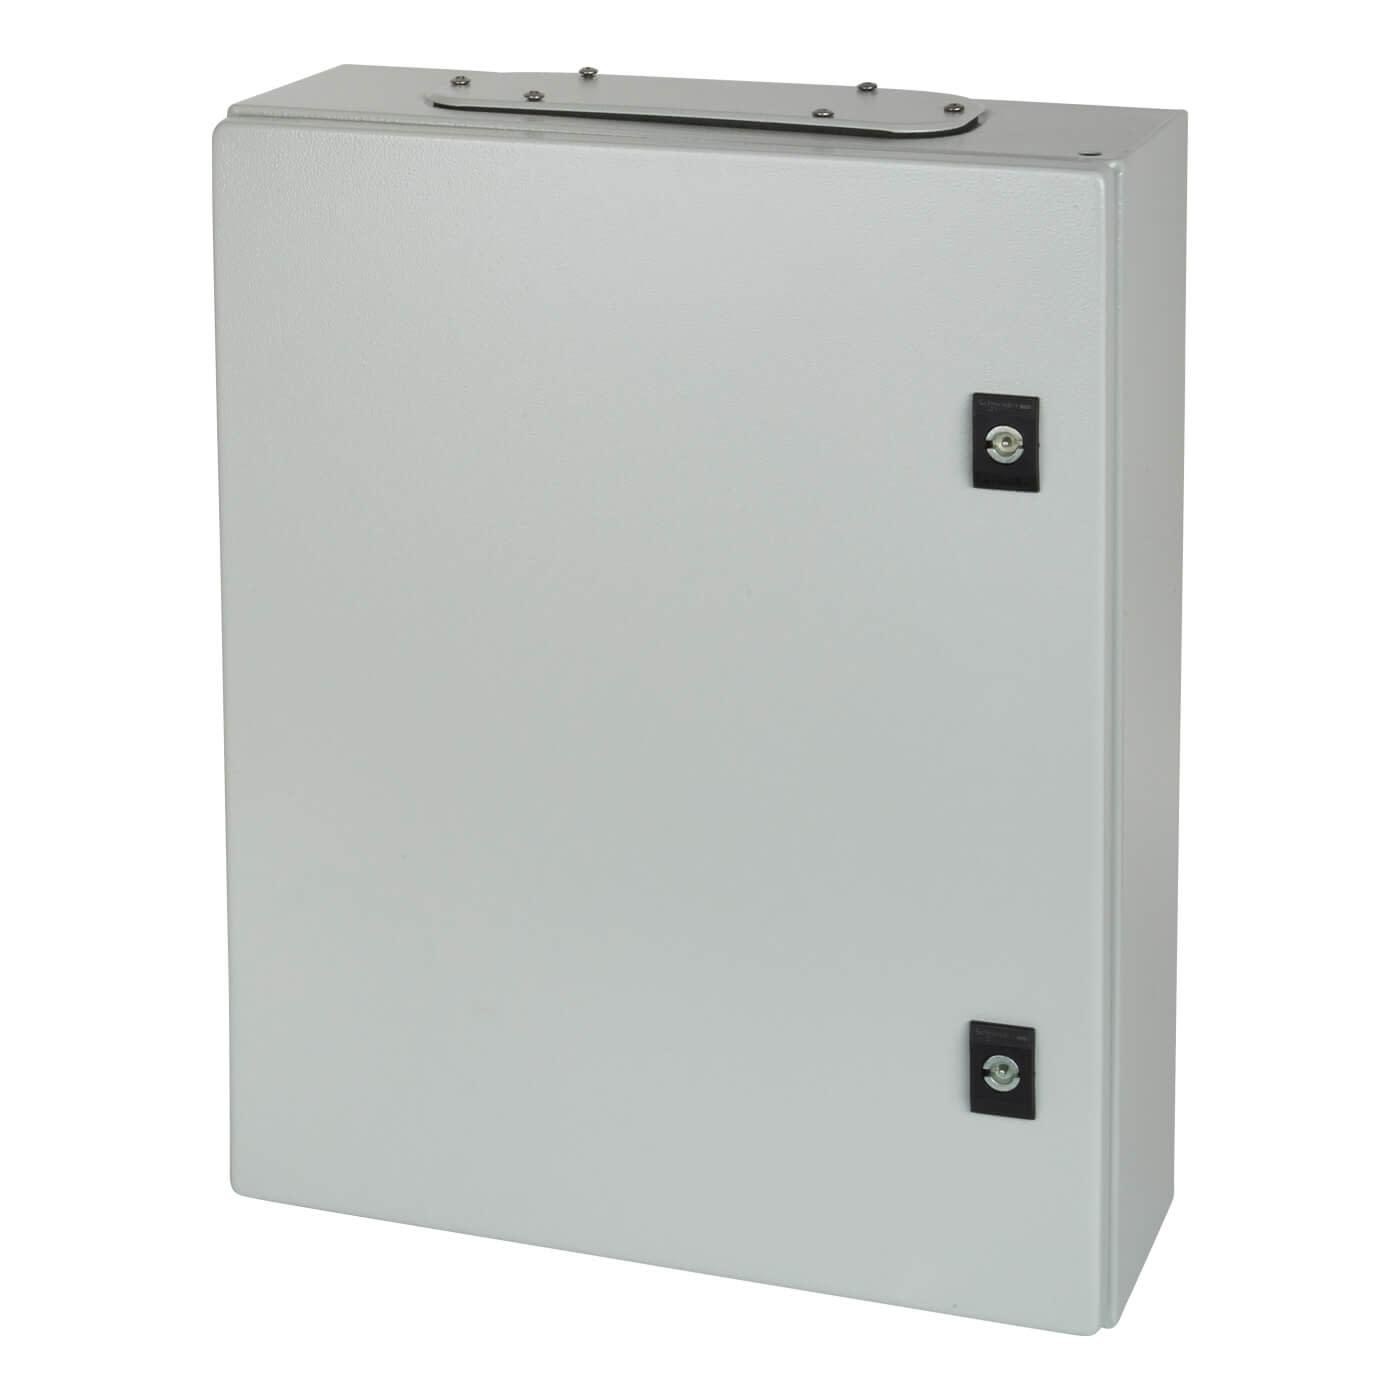 Schneider Metal Enclosure - 700 x 500 x 200mm)